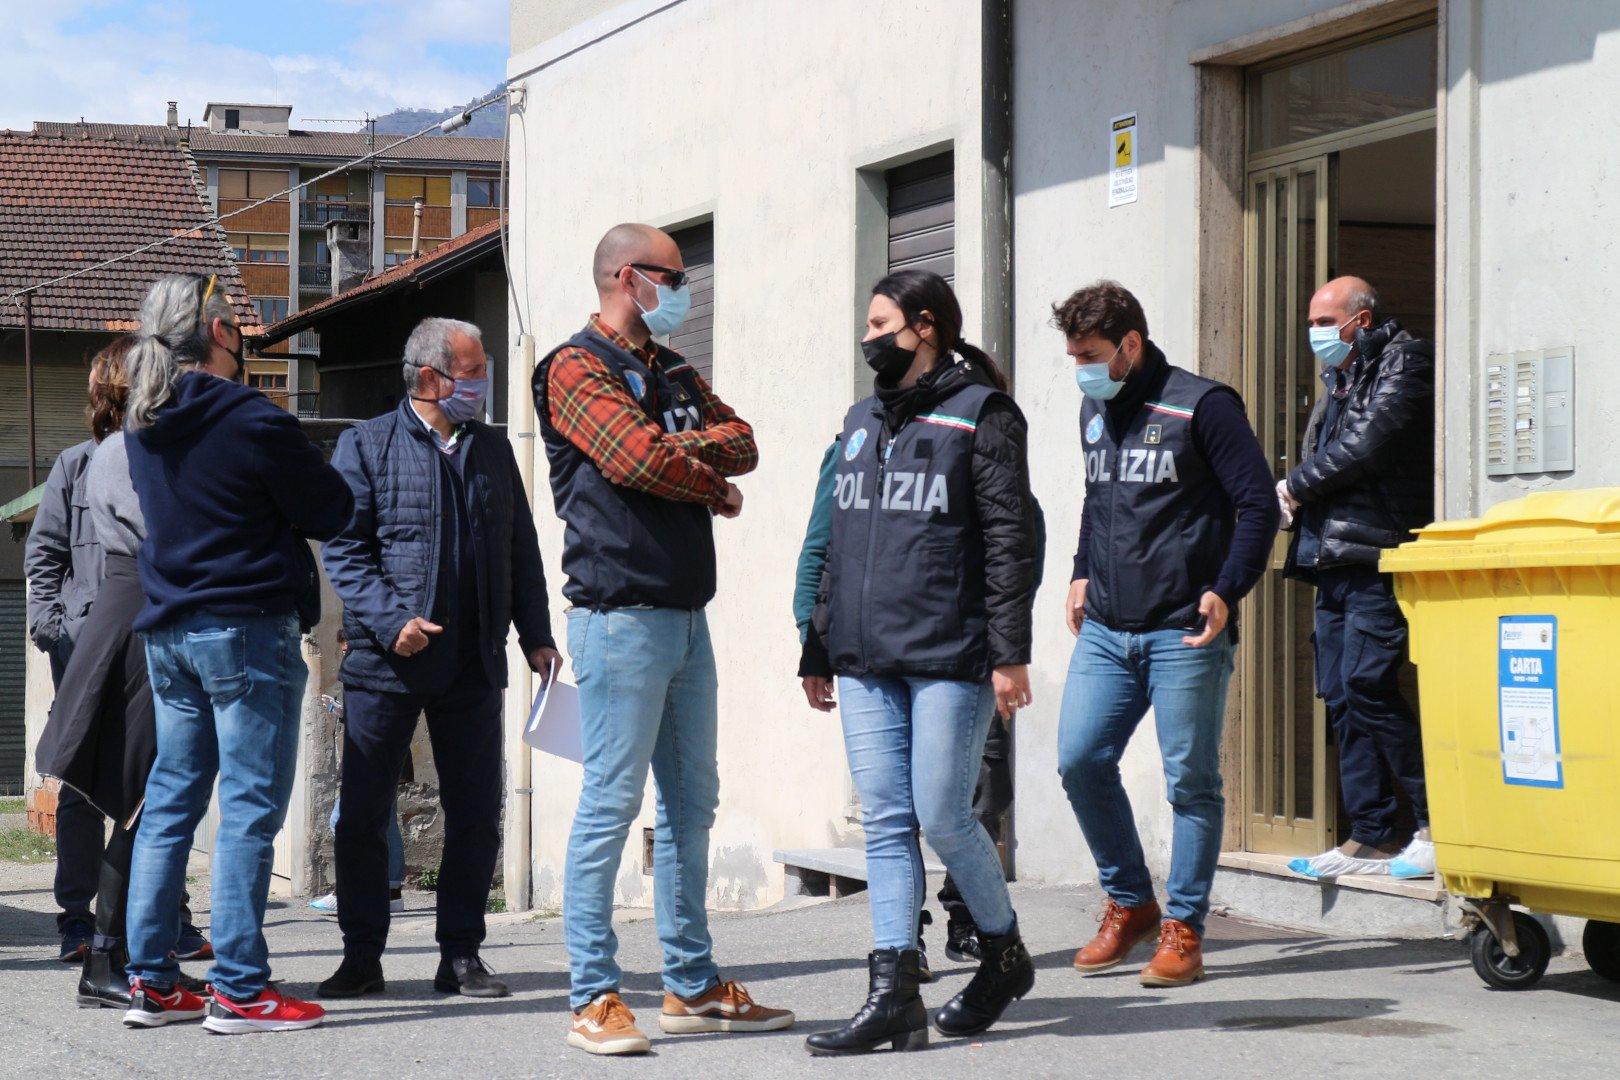 Gli inquirenti davanti il portoncino del condominio dove è avvenuto l'omicidio